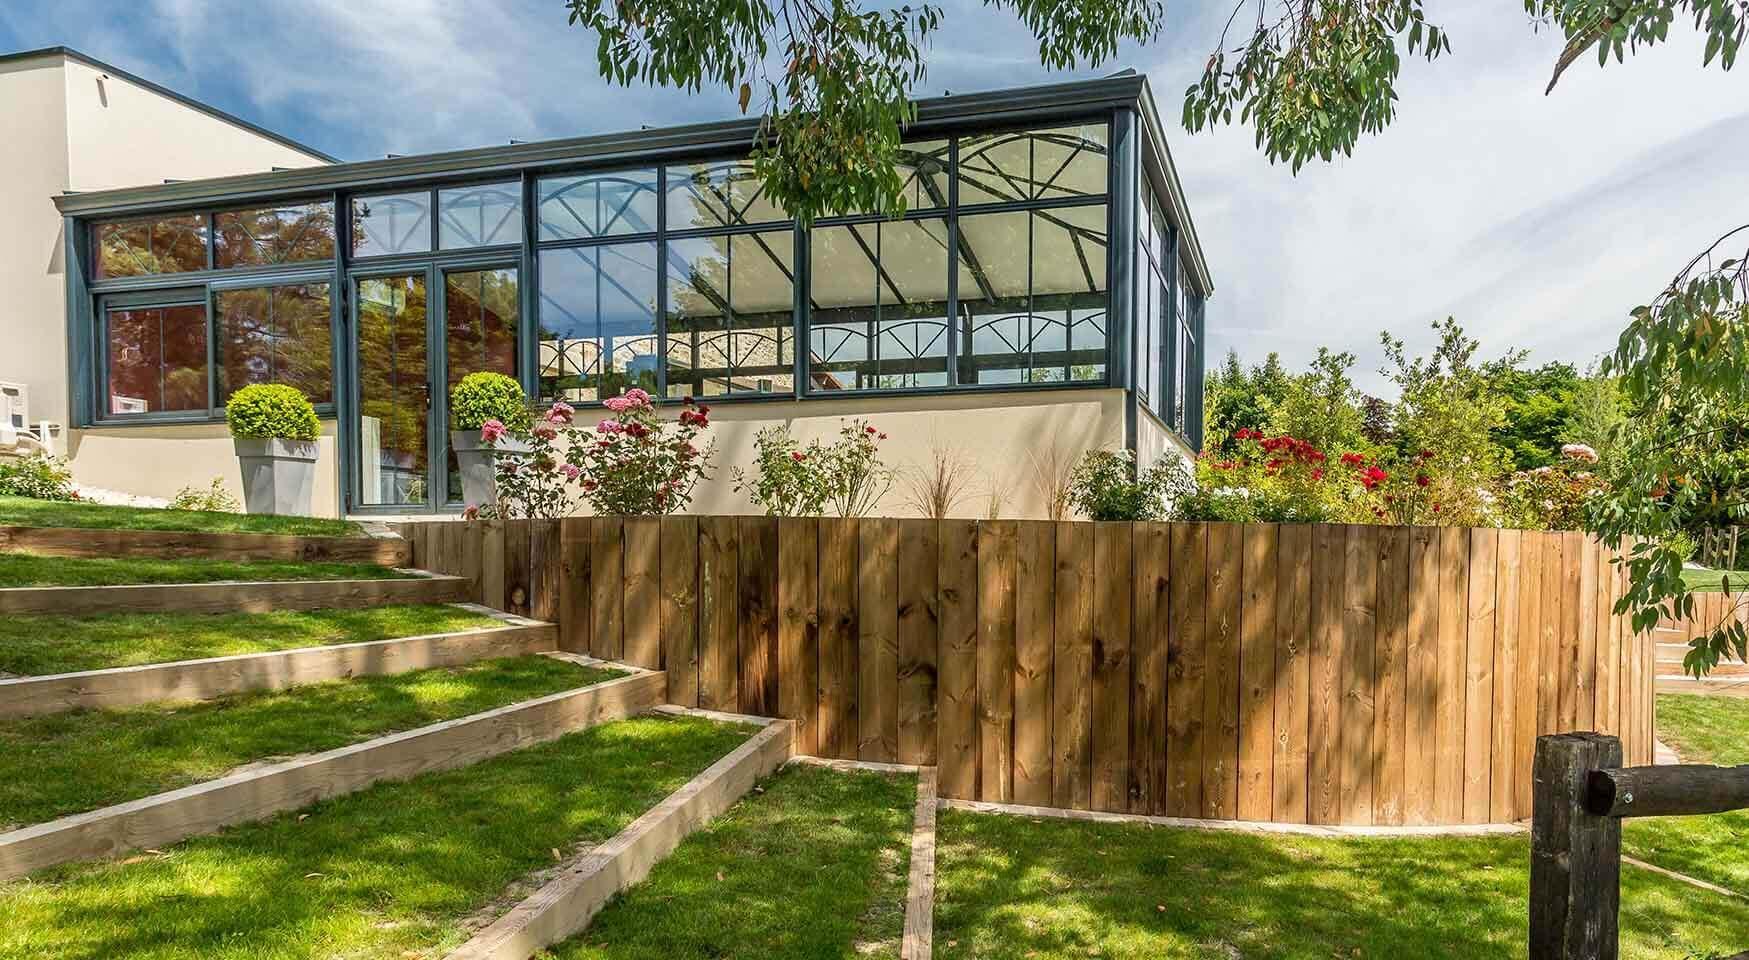 réalisations de jardin et aménagement d'extérieur en vendée - oxygen